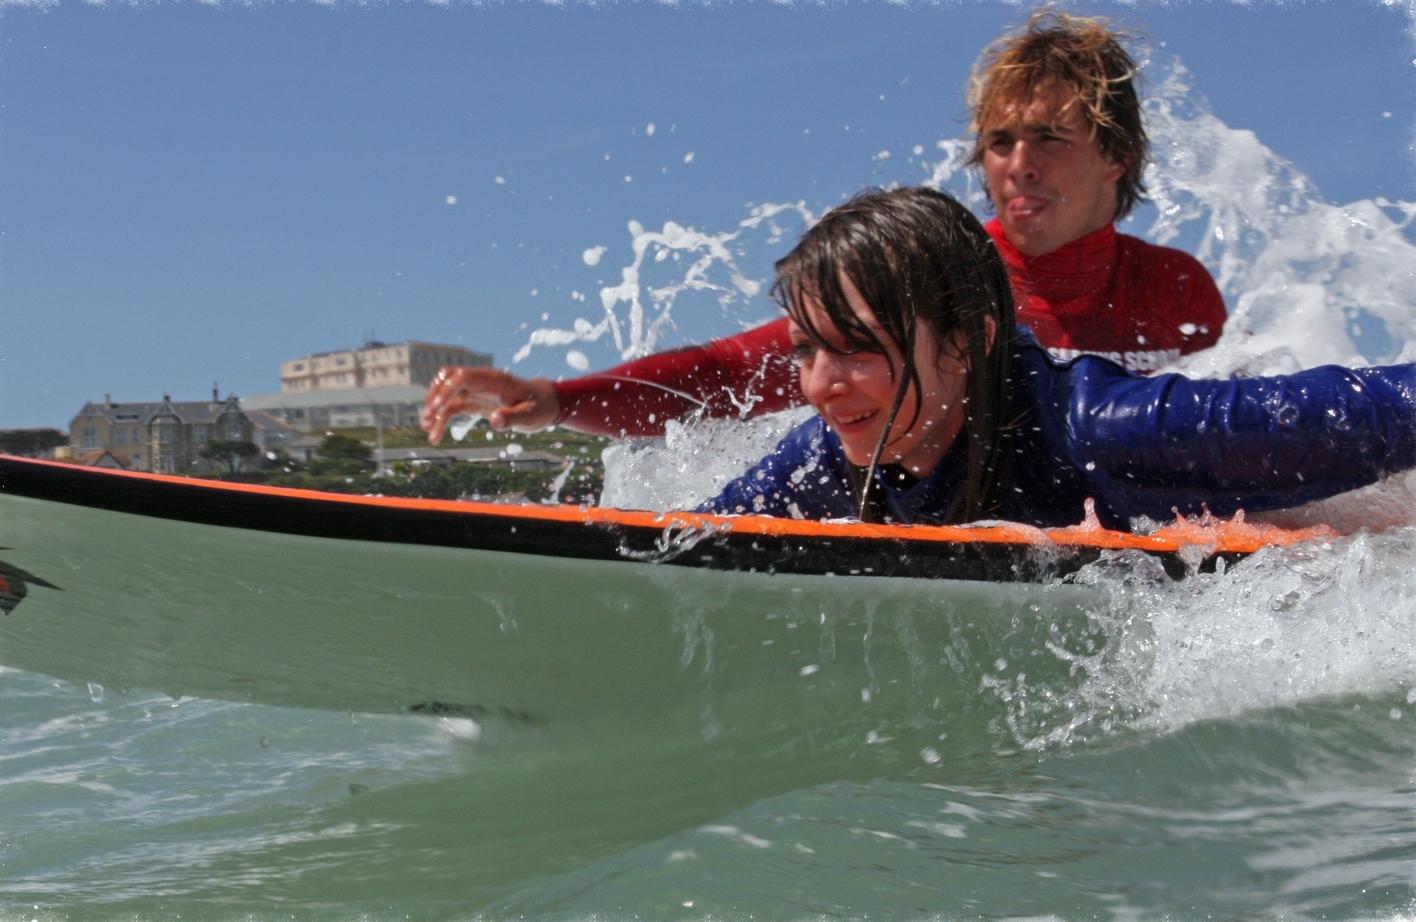 Surfing girl.JPG